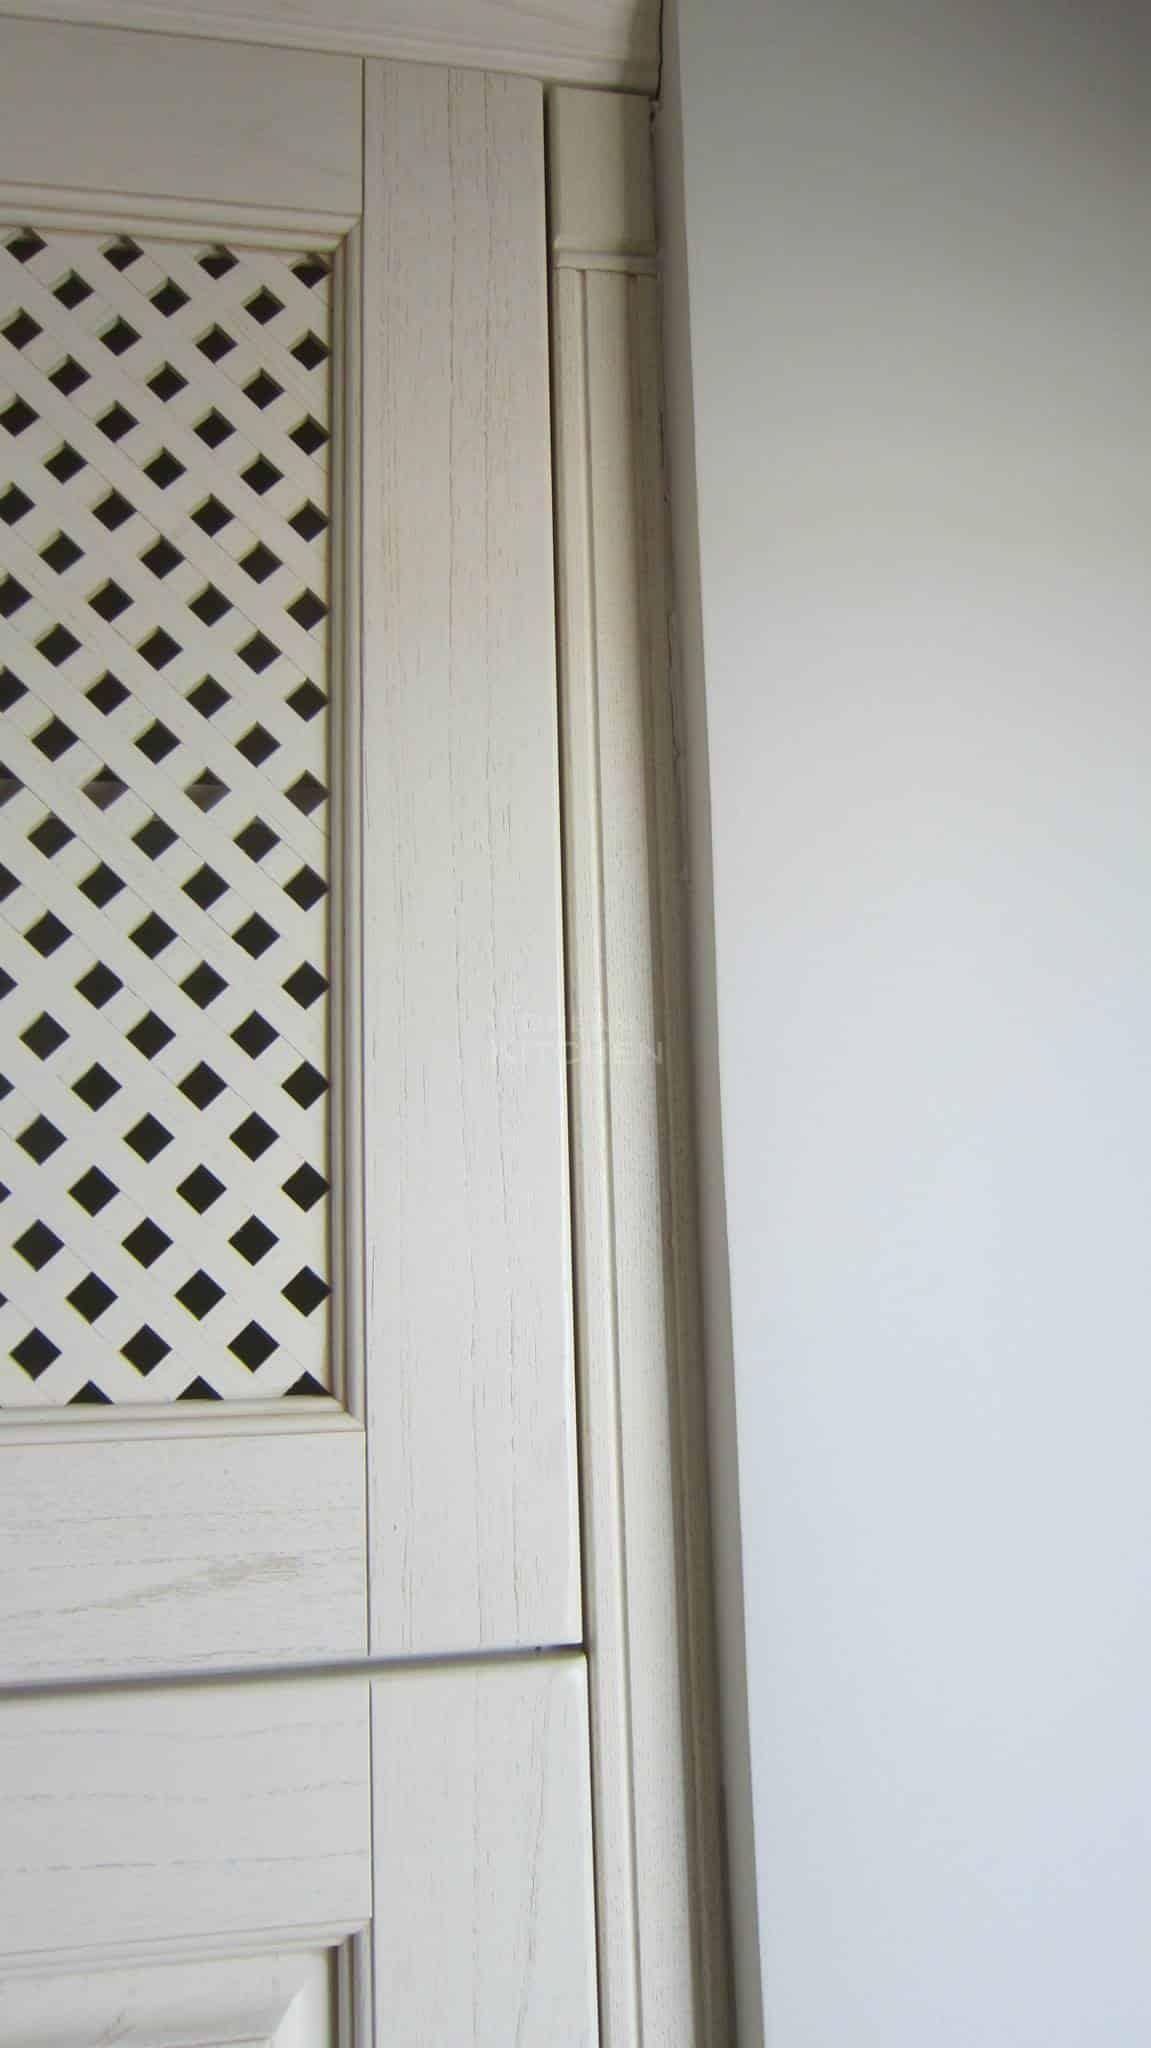 Πλήρης επίπλωση κατοικίας κουζινα μασιφ 5